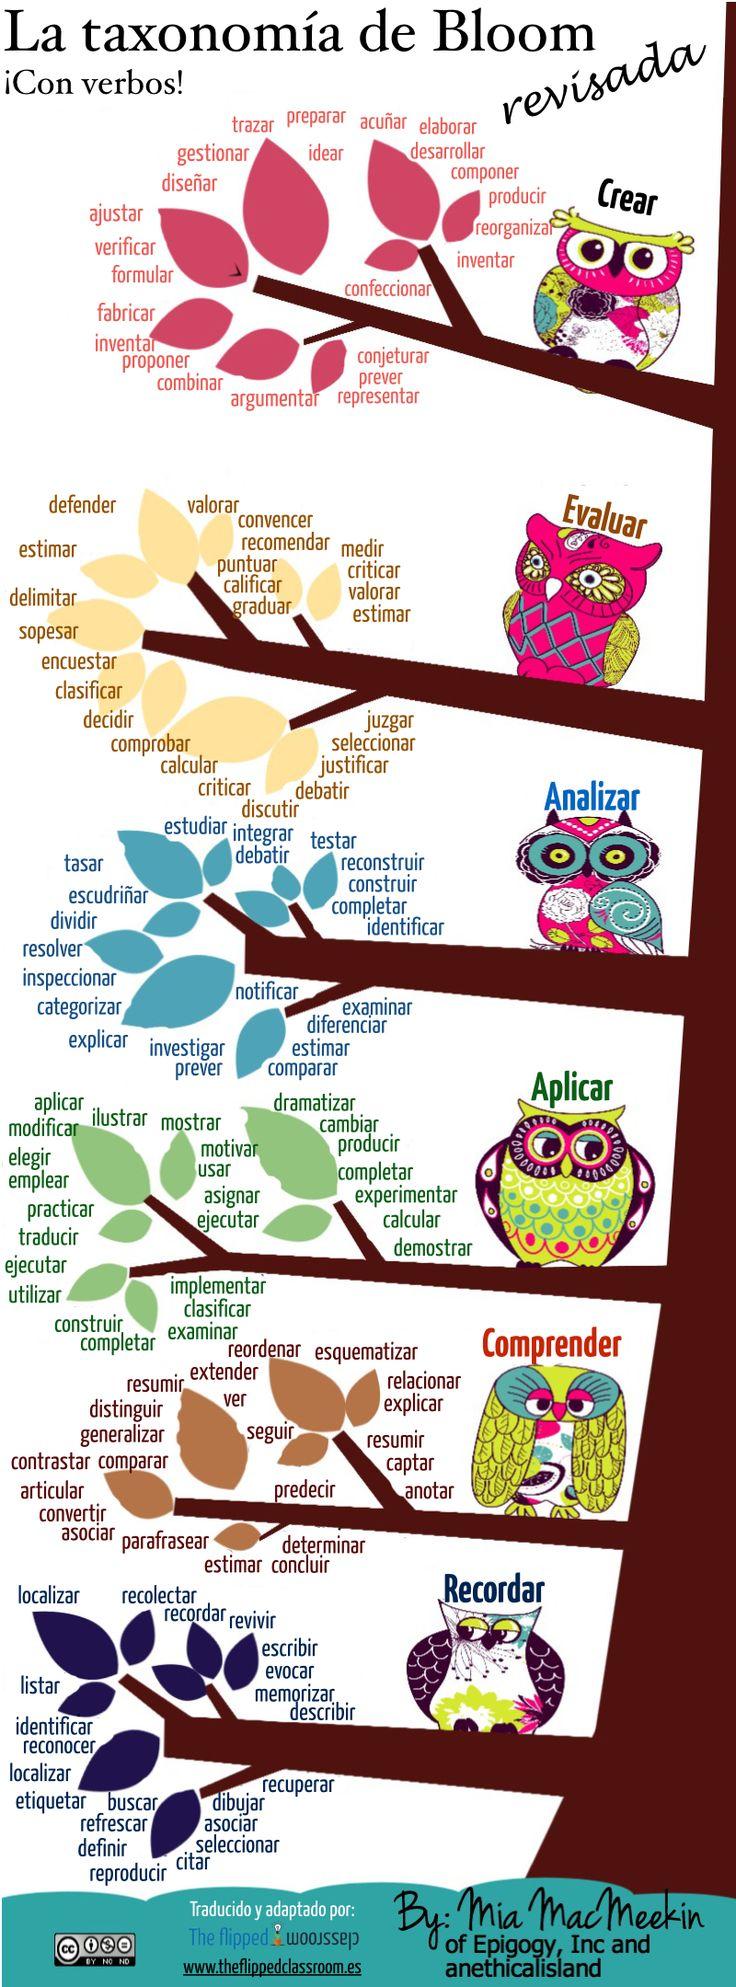 La taxonomía de bloom desarrollada con la ayuda de verbos.